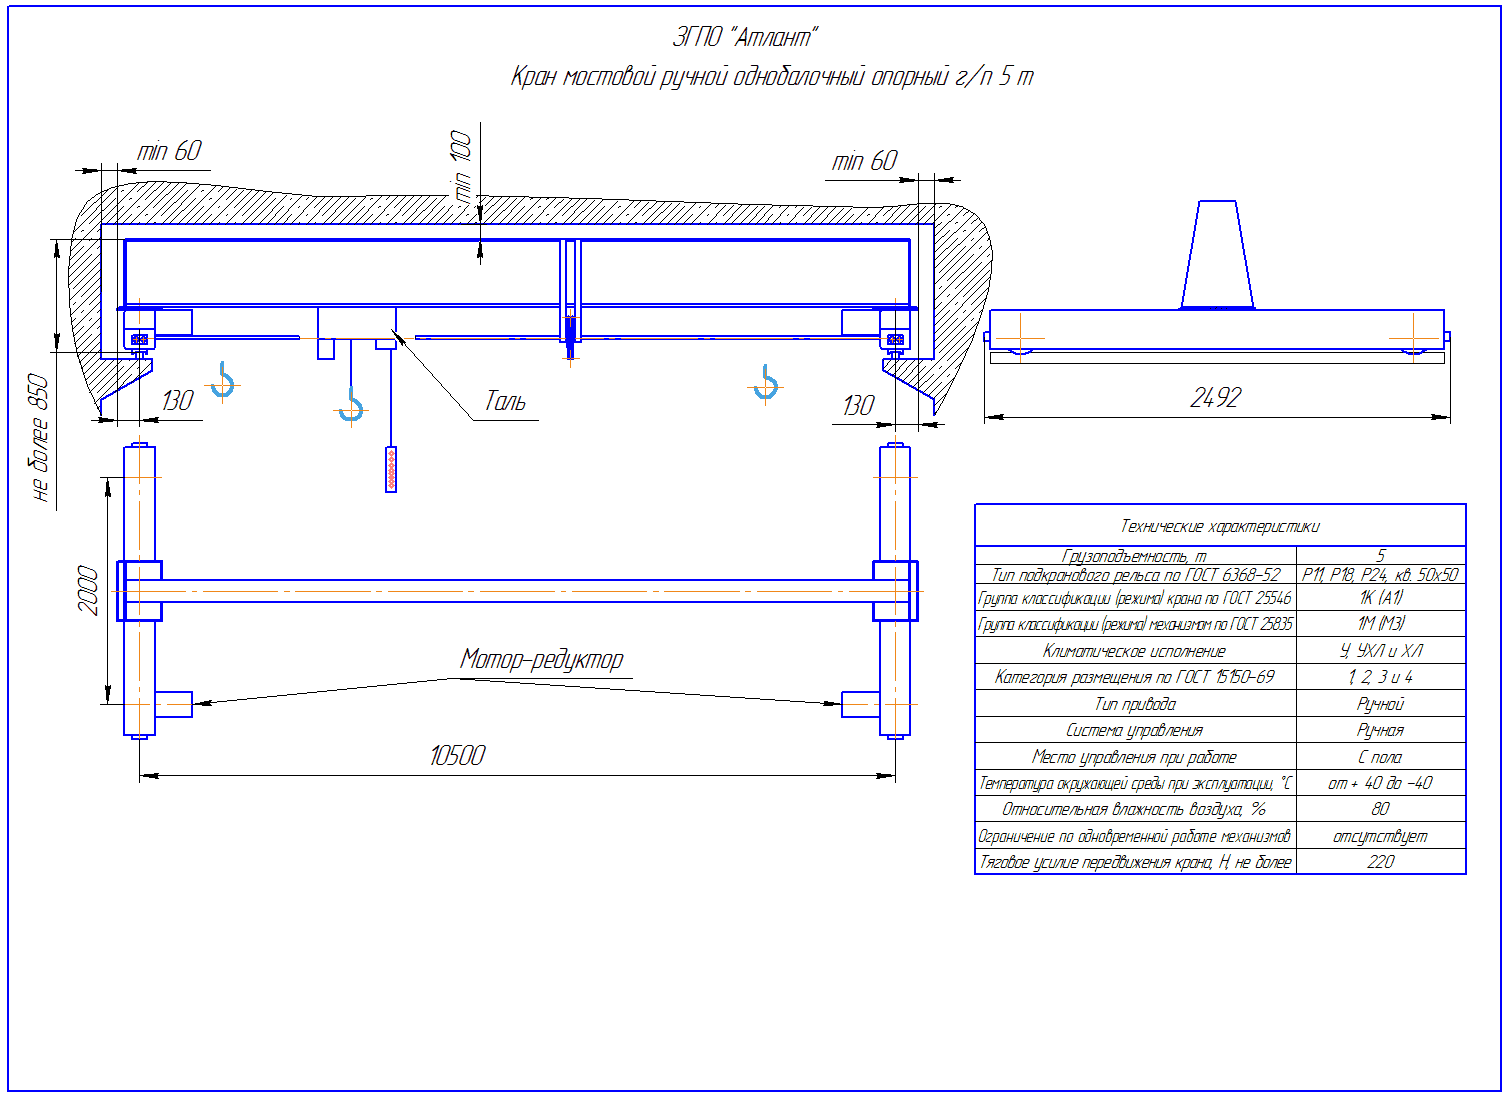 KRMOO 5 105 - Кран ручной мостовой опорный однобалочный